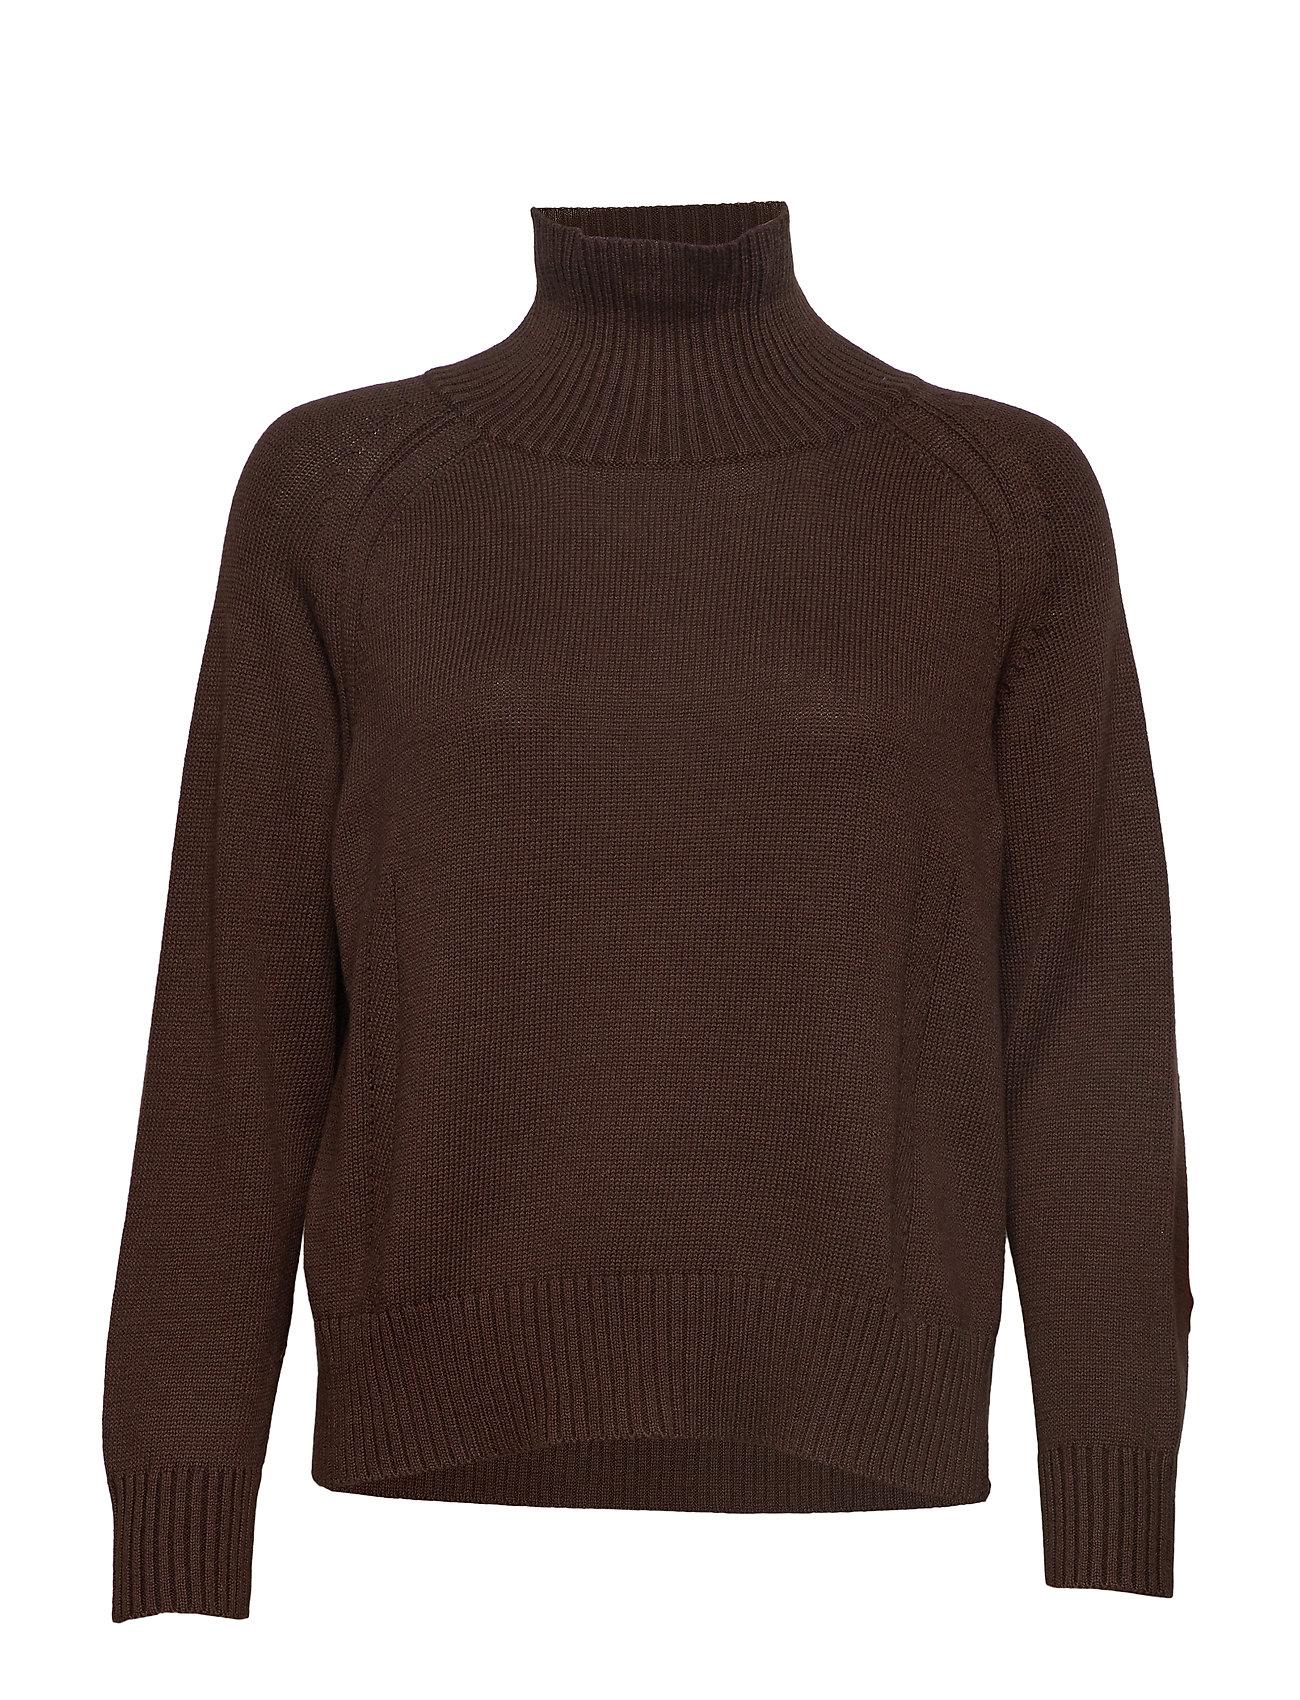 Coster Copenhagen Knit w. T-neck in seawool - NIGHT SHADE